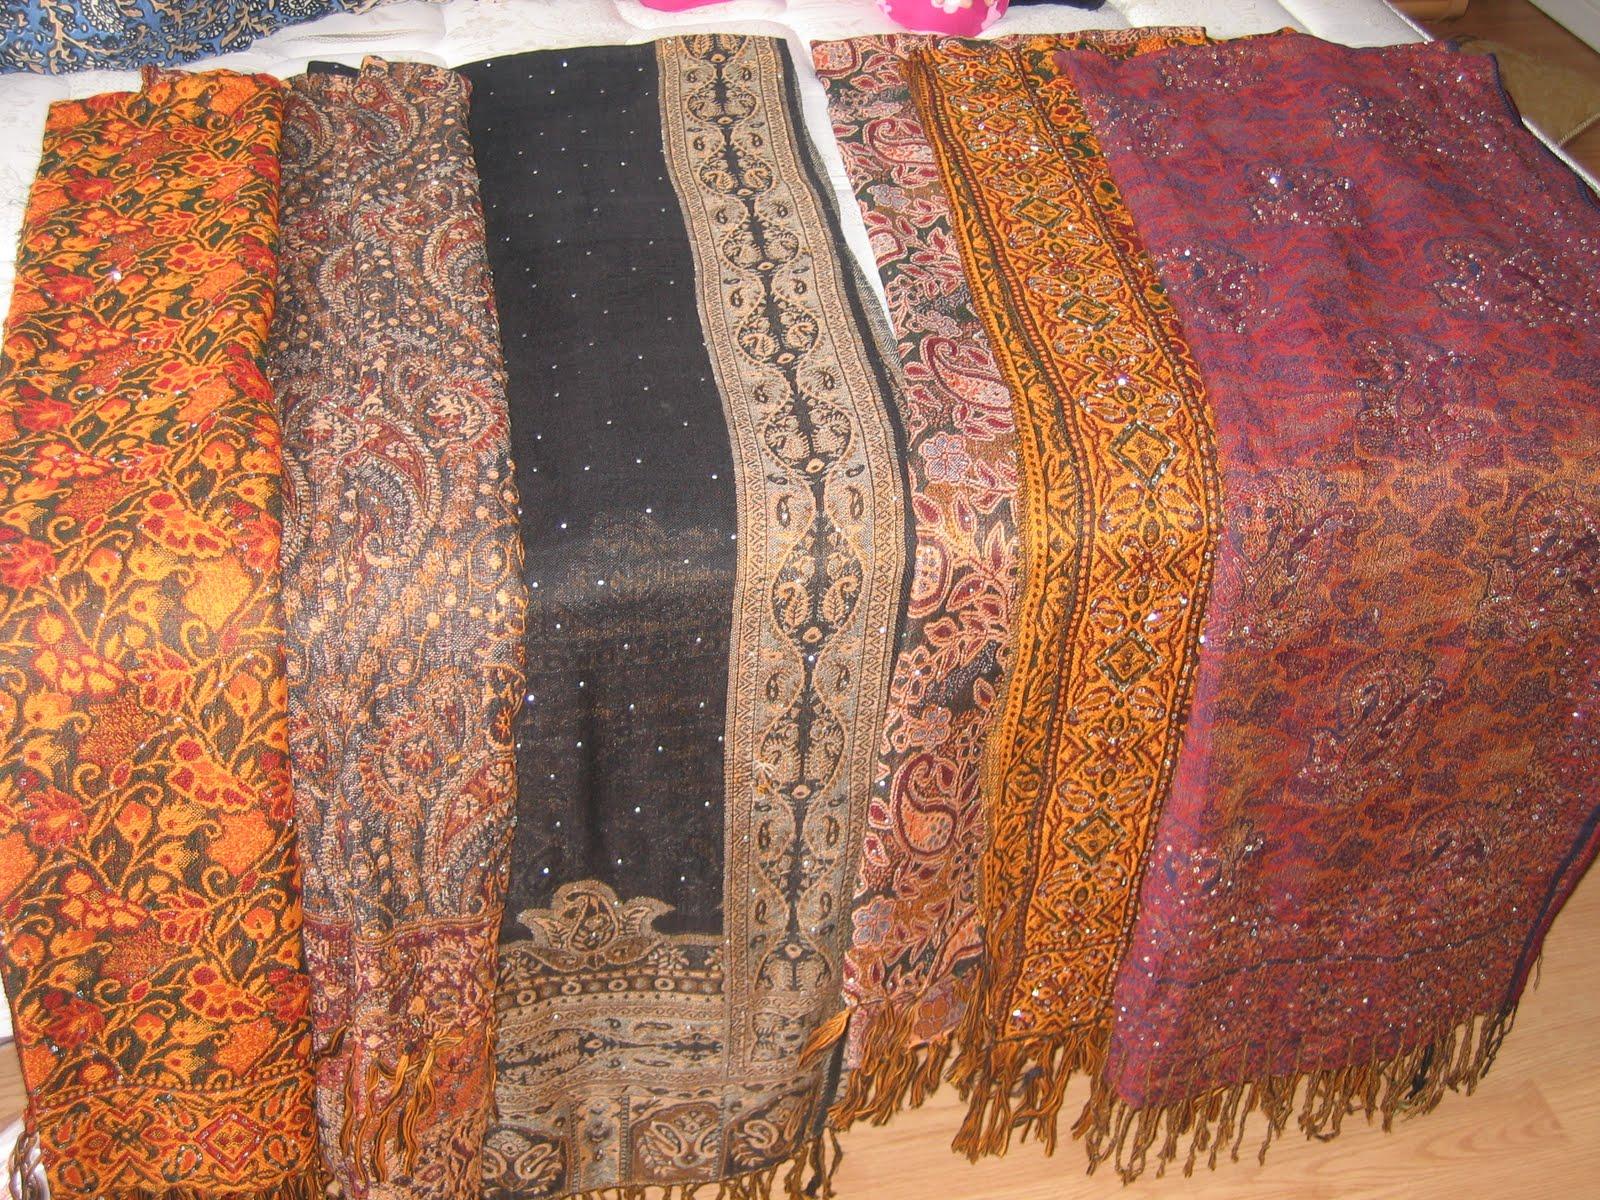 Pak Creations: Pashmina Shawls (Warm and beautiful)